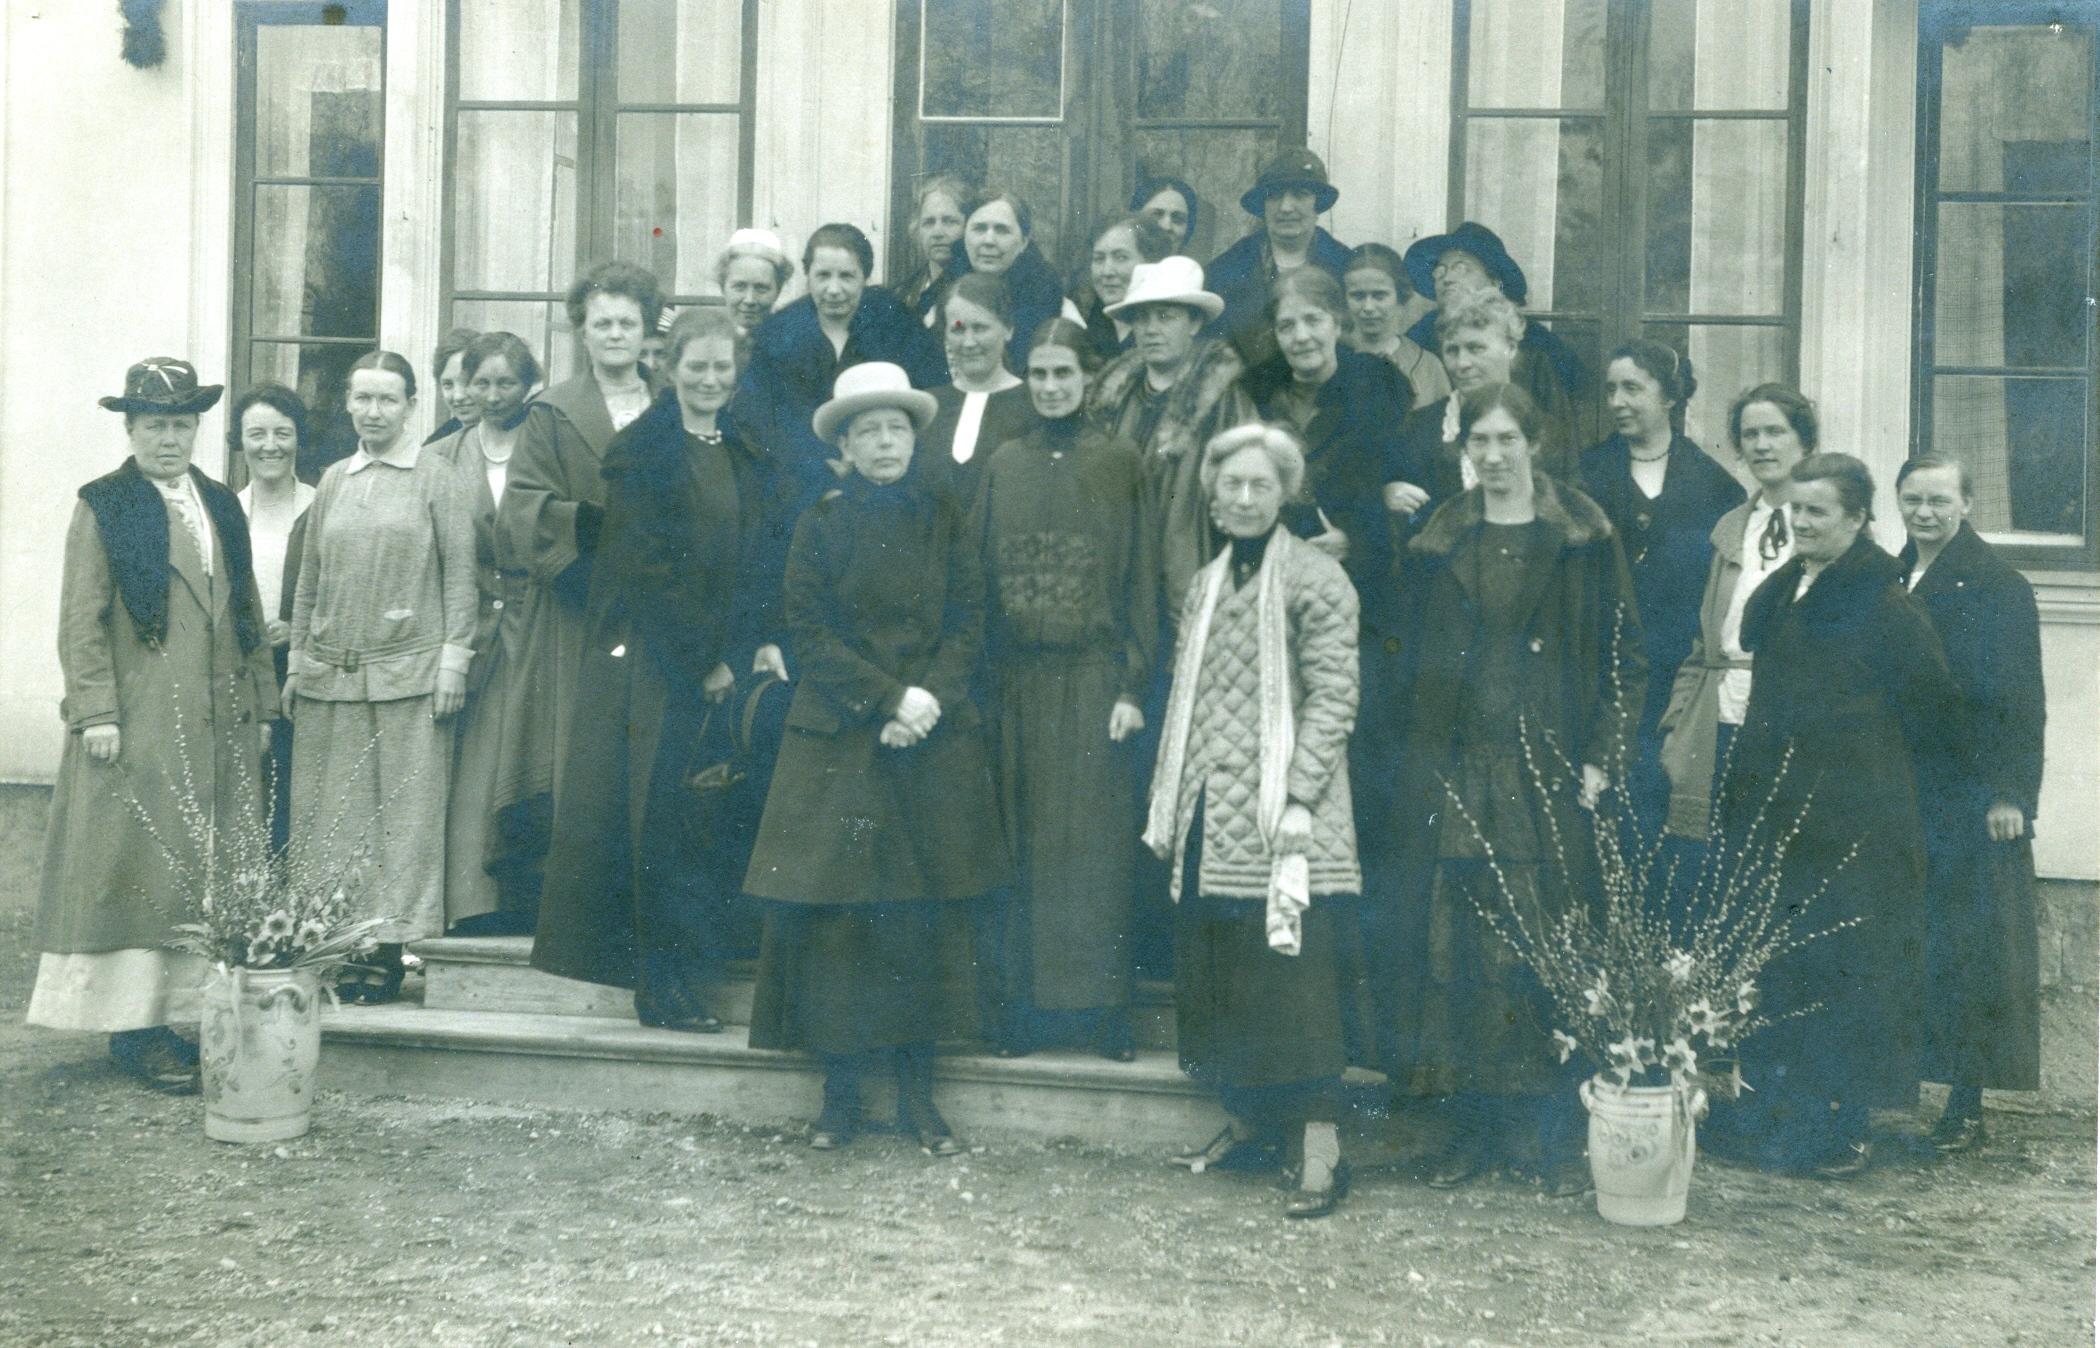 Personerna längst fram i mitten är Elisabeth Thamm, Honorine Hermelin och Kerstin Hesselgren. Kortet är taget när medborgarskolan invigdes.